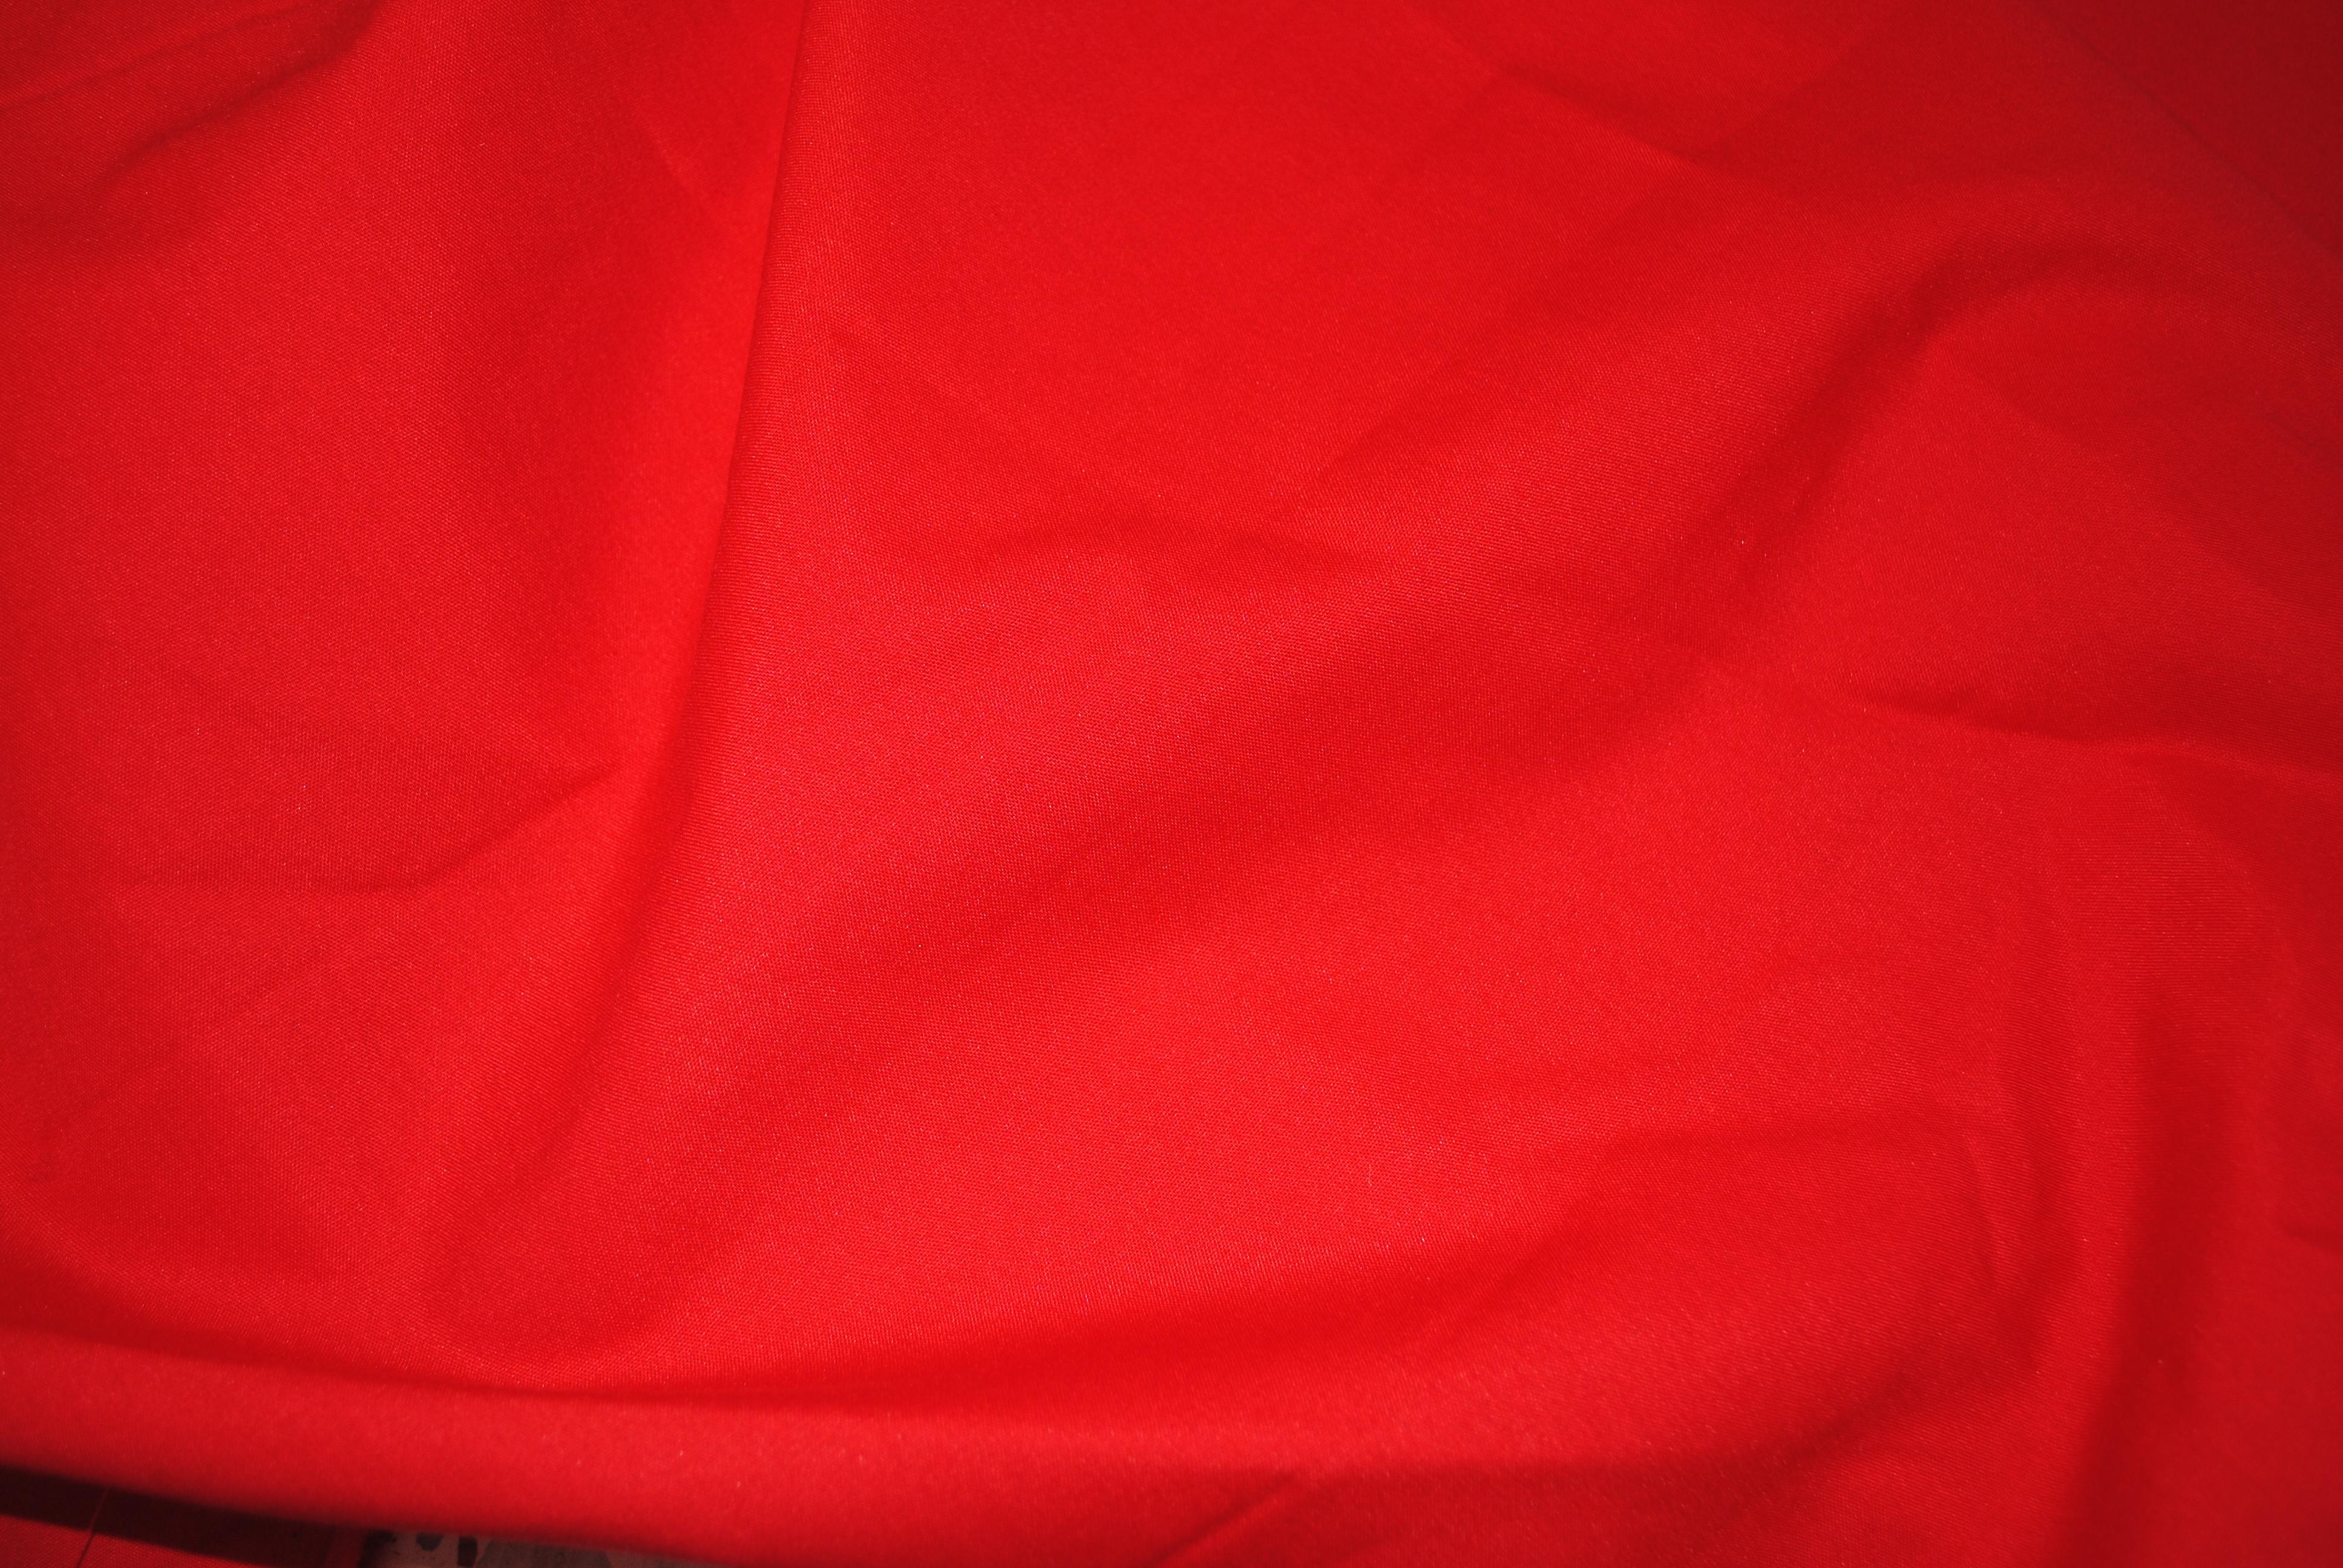 El acerico de chari telas - Muestrario de telas para ropa ...